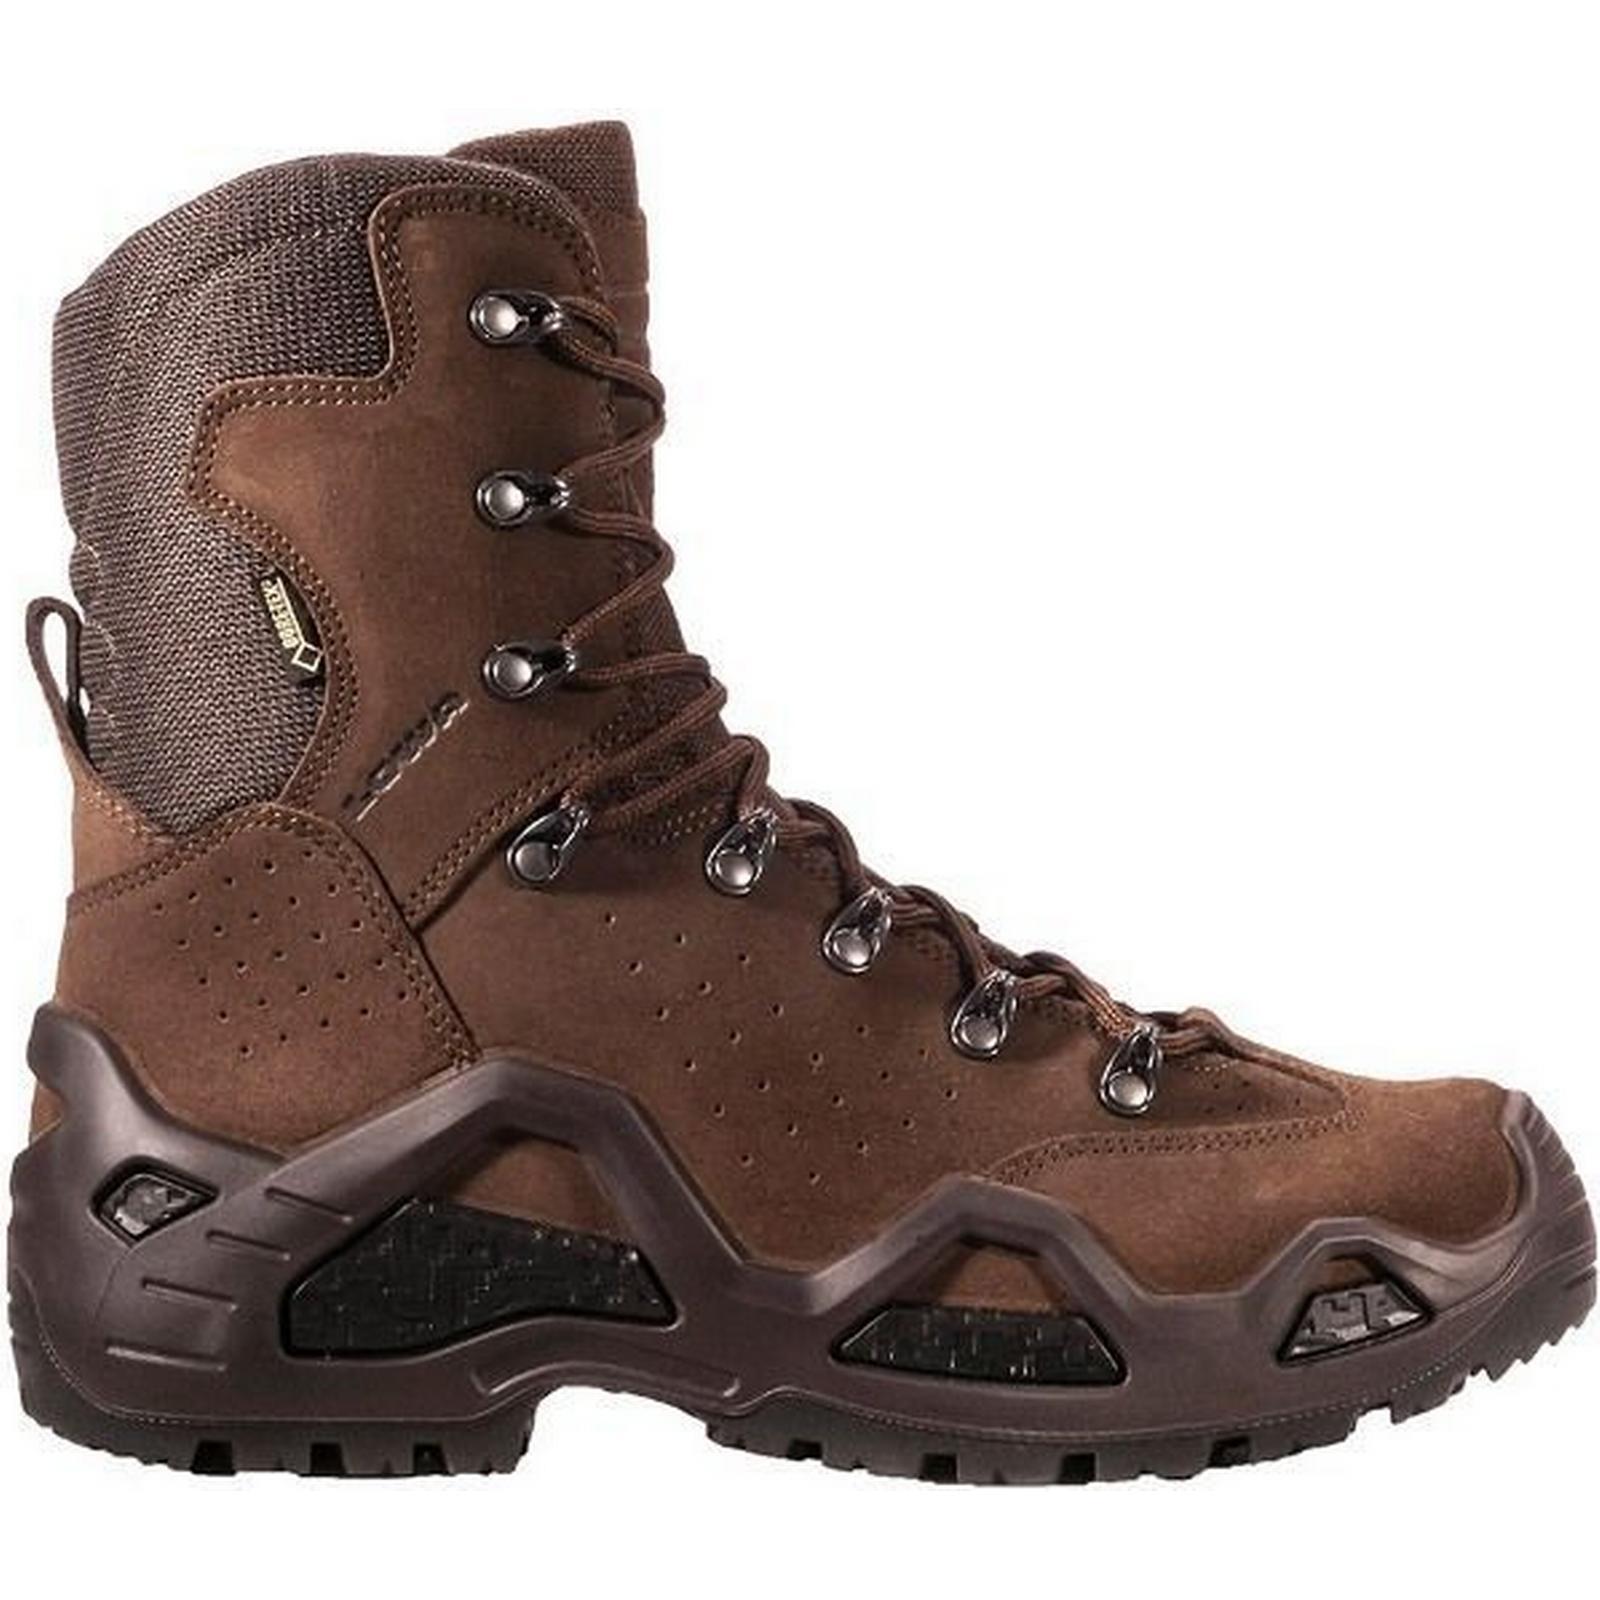 Lowa Z8 GTX - Boots - GTX 8 902f4a